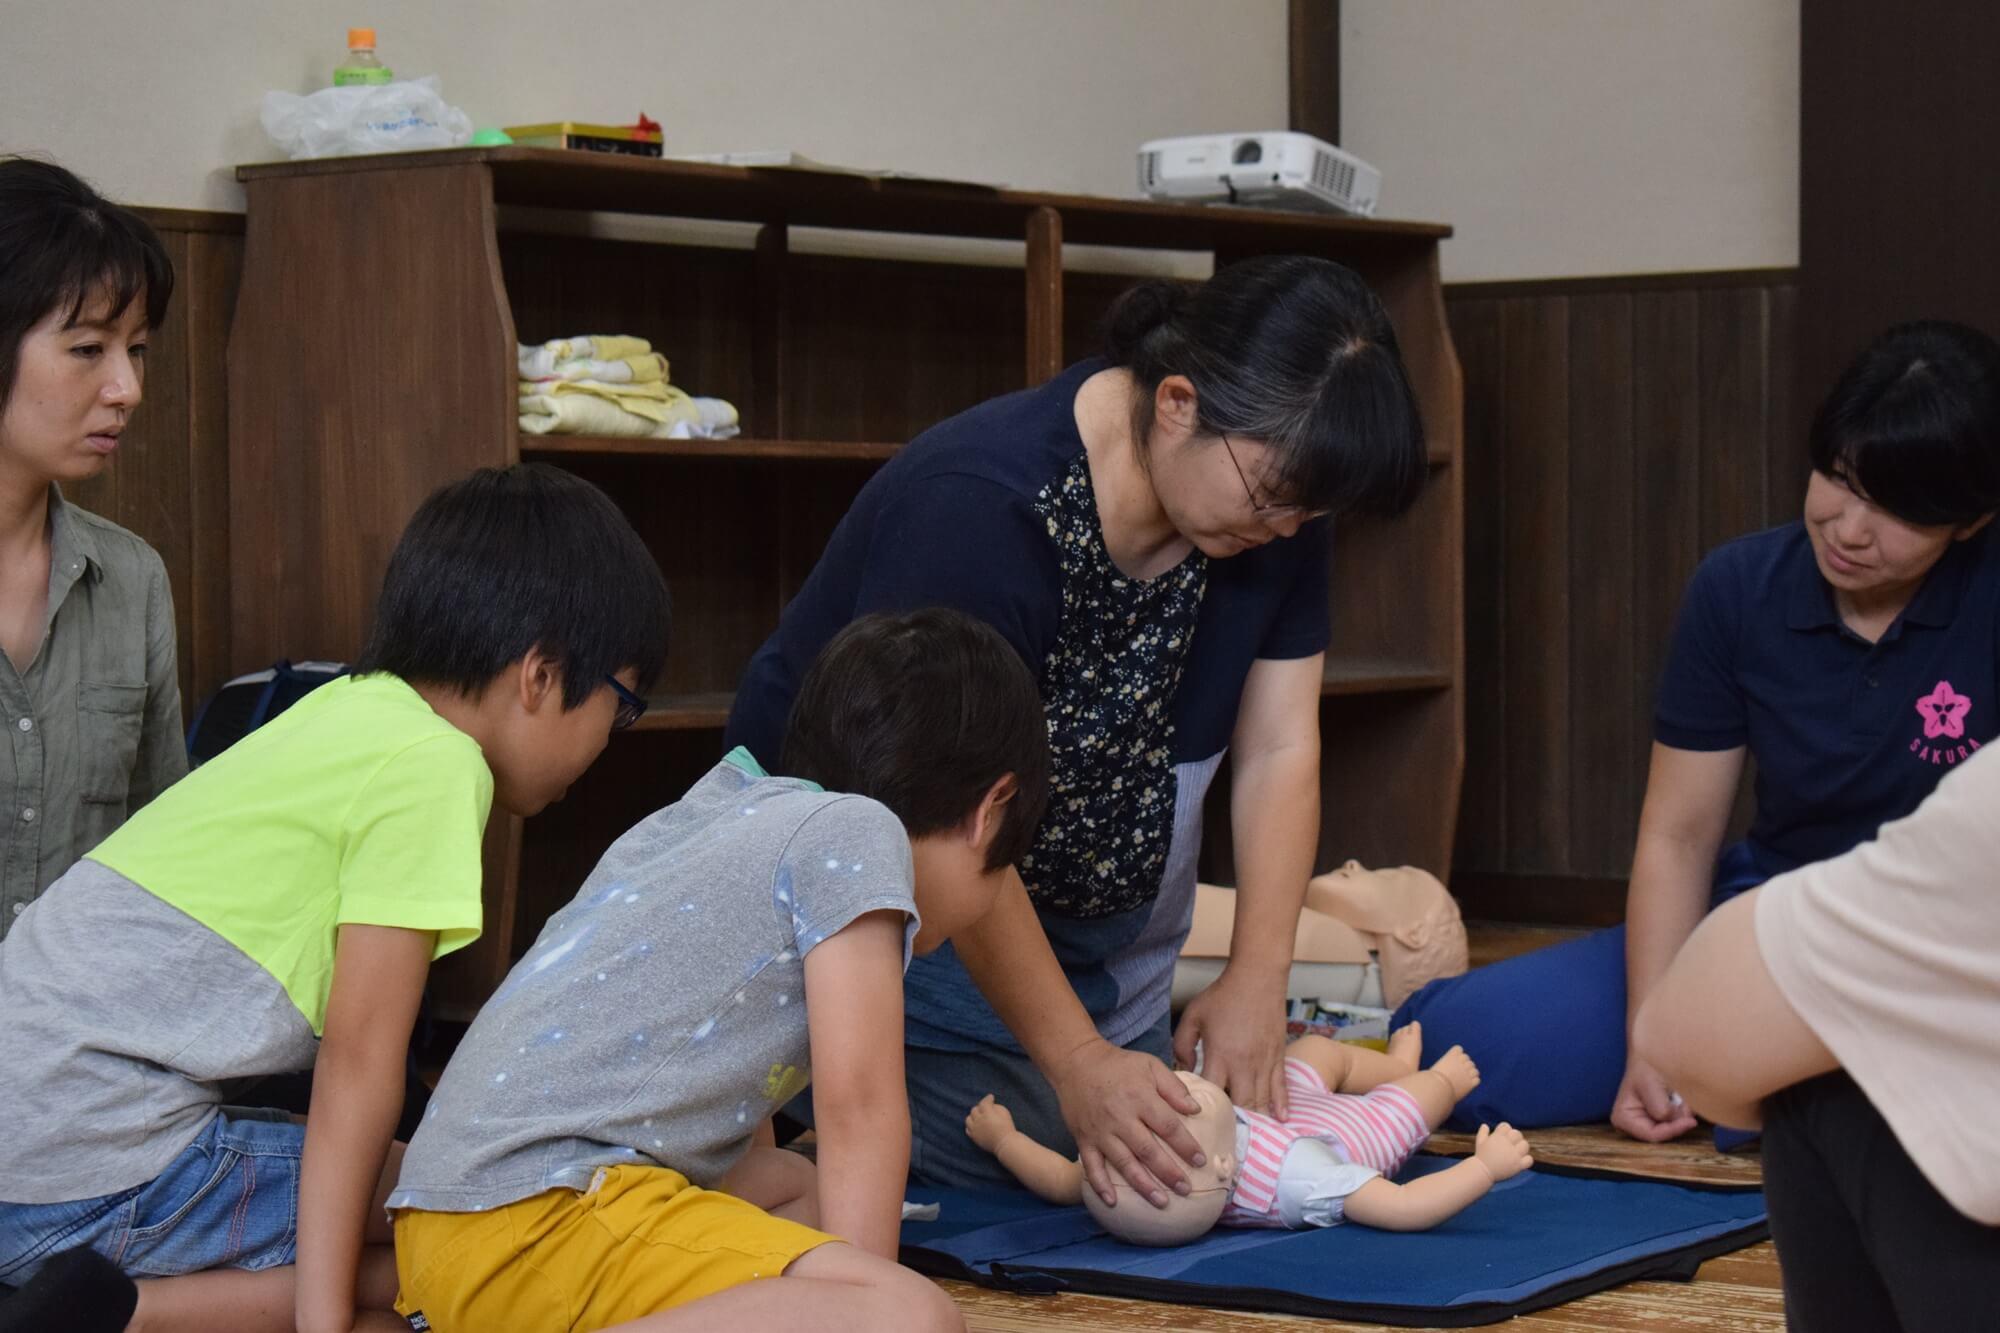 乳児への心臓マッサージは力加減が難しい